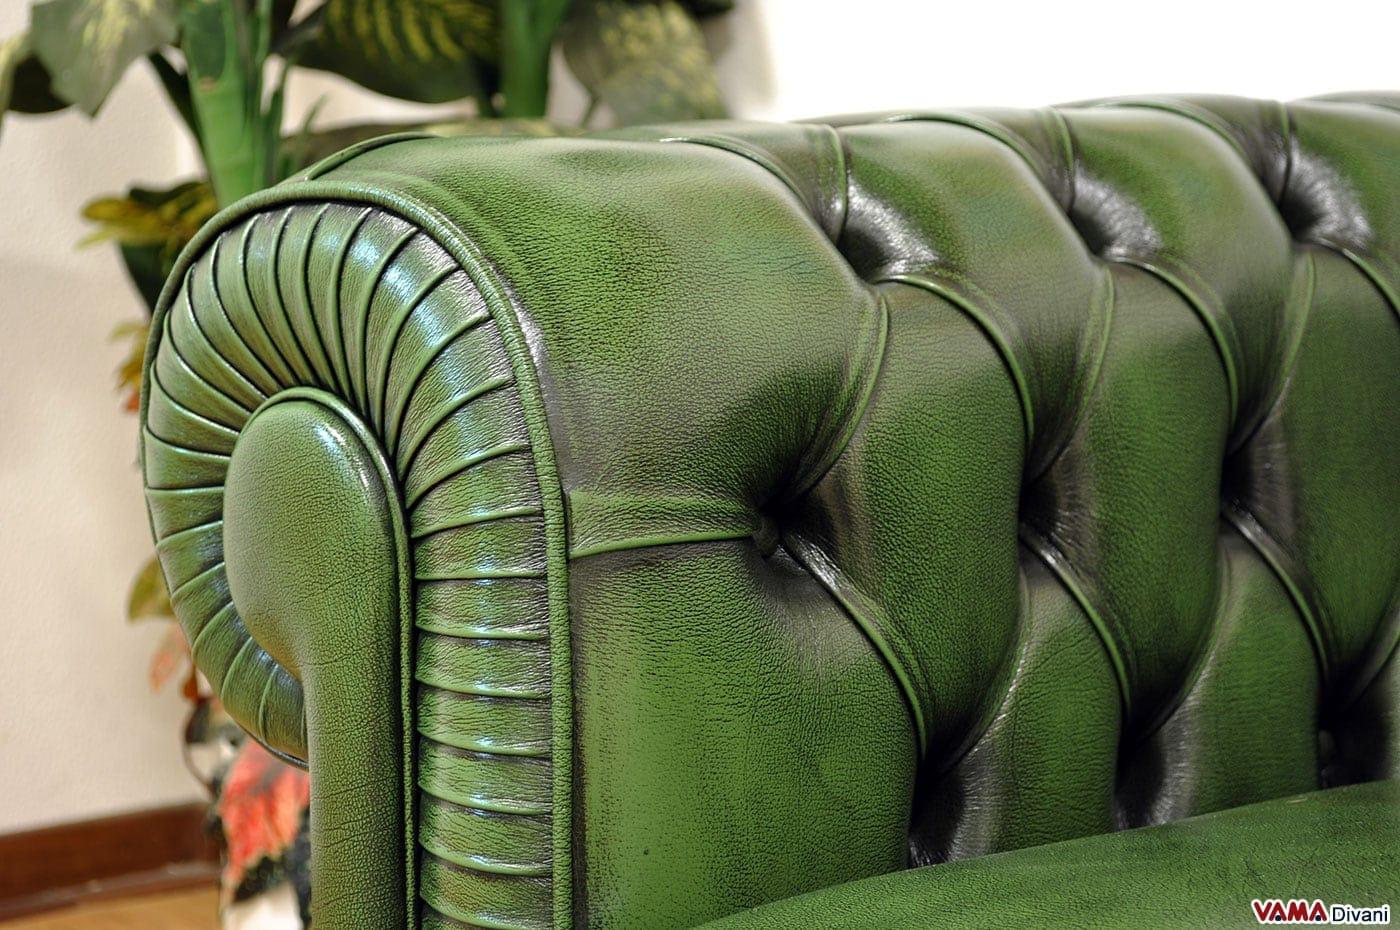 Divano chester verde inglese in vera pelle invecchiata a mano for Divano in inglese